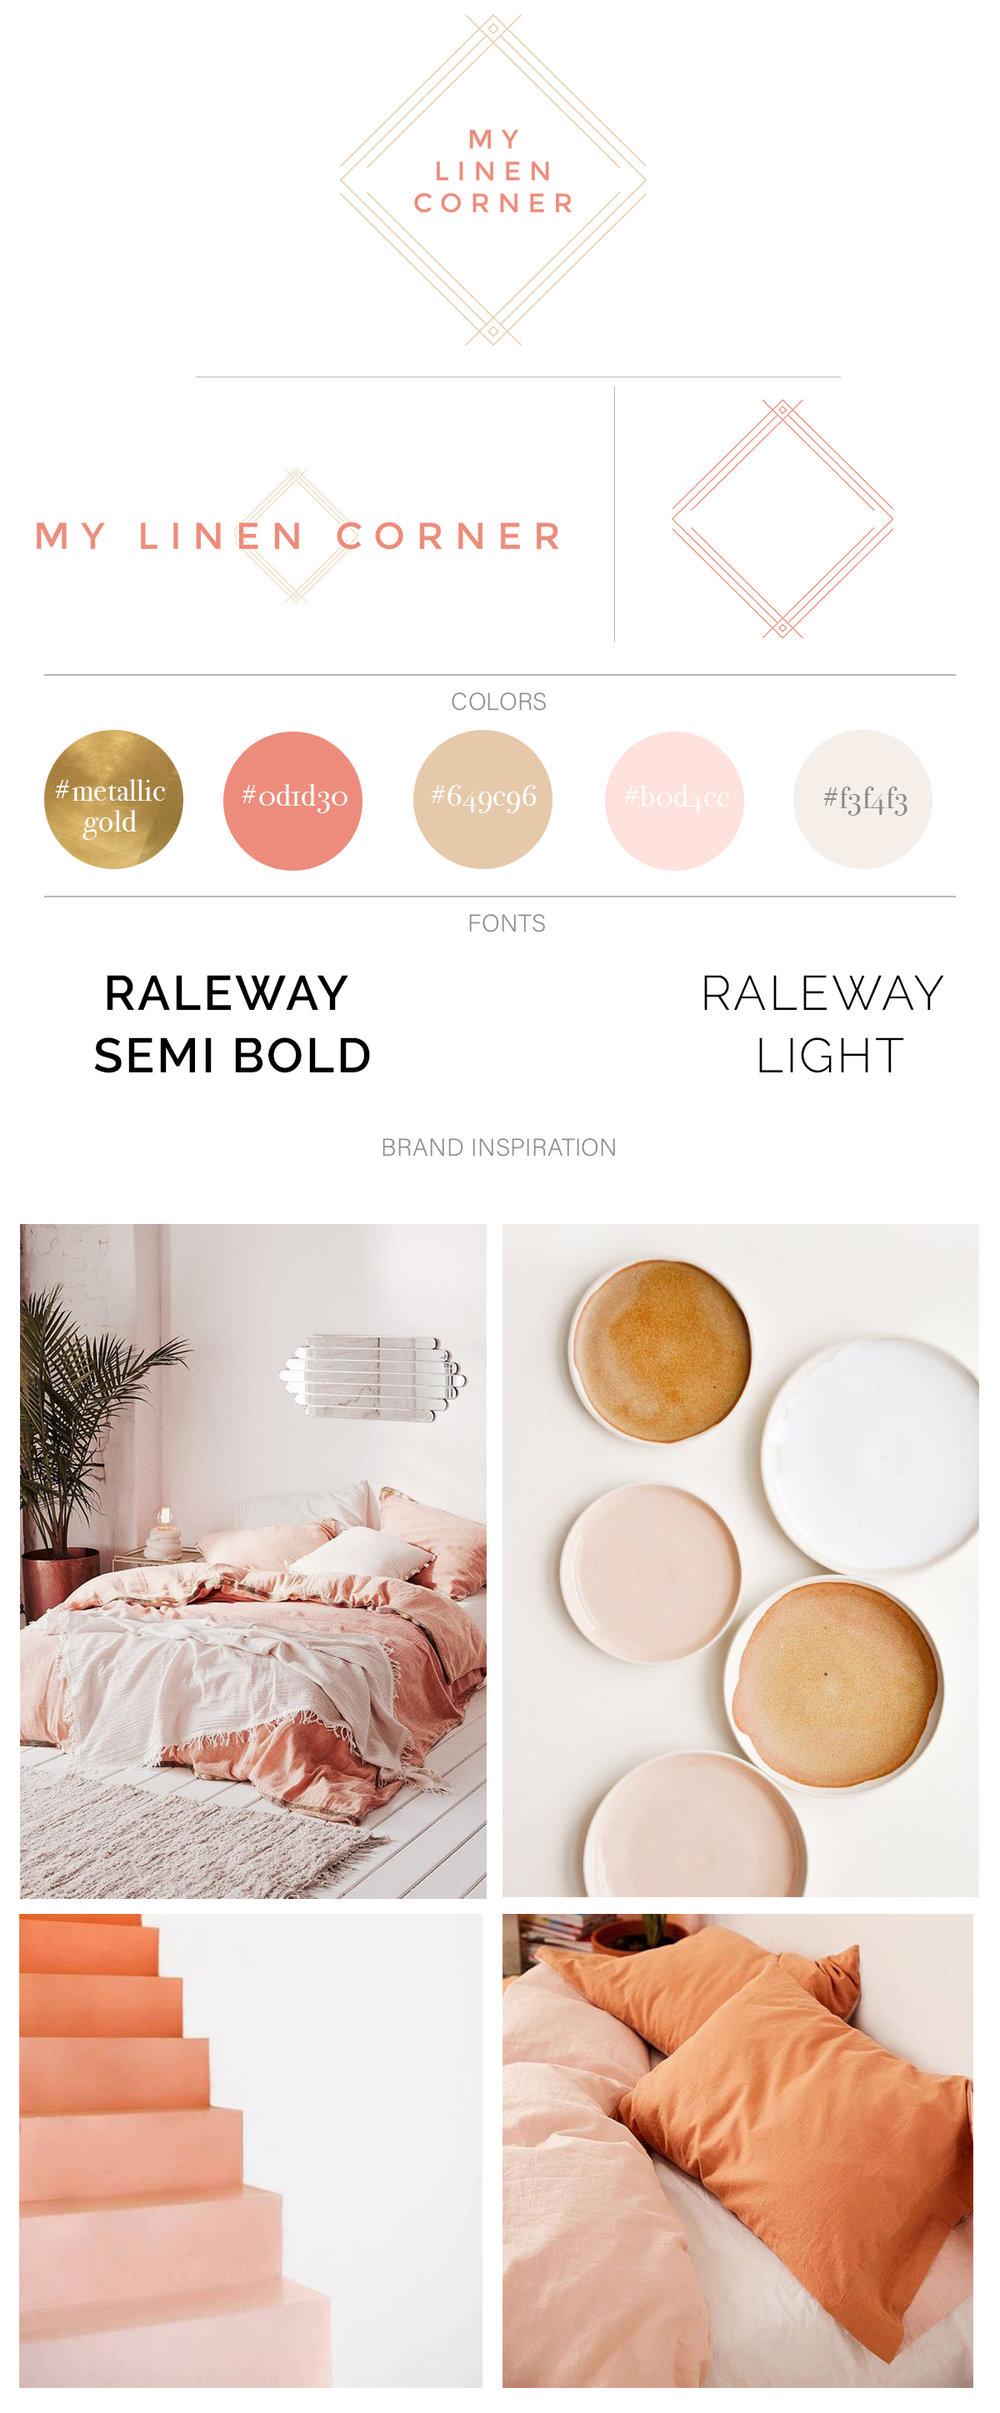 Linen Corner Branding Board.jpg